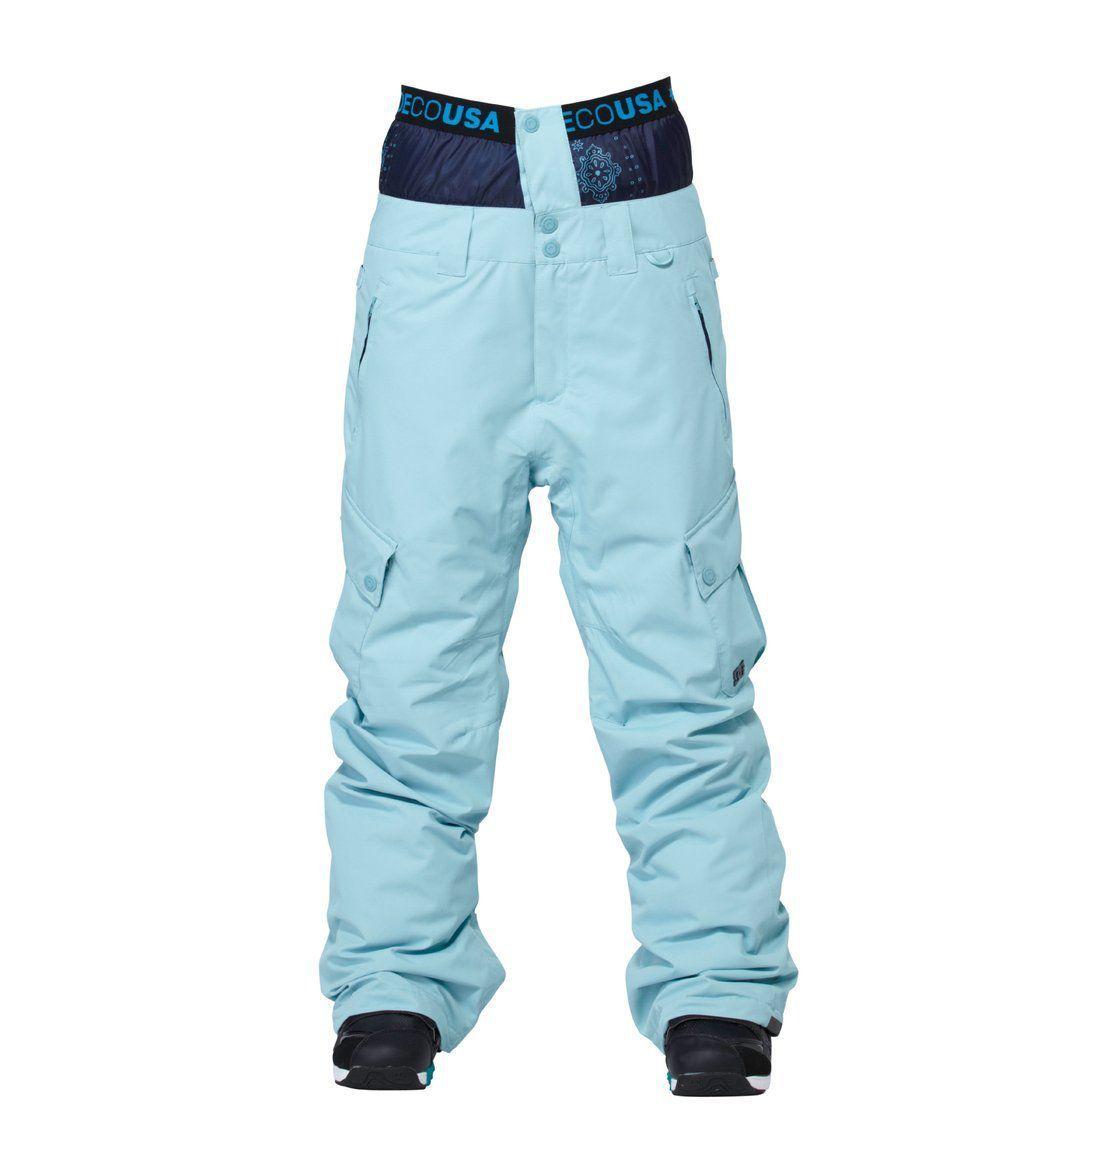 Spodnie DC Martock niebieskie